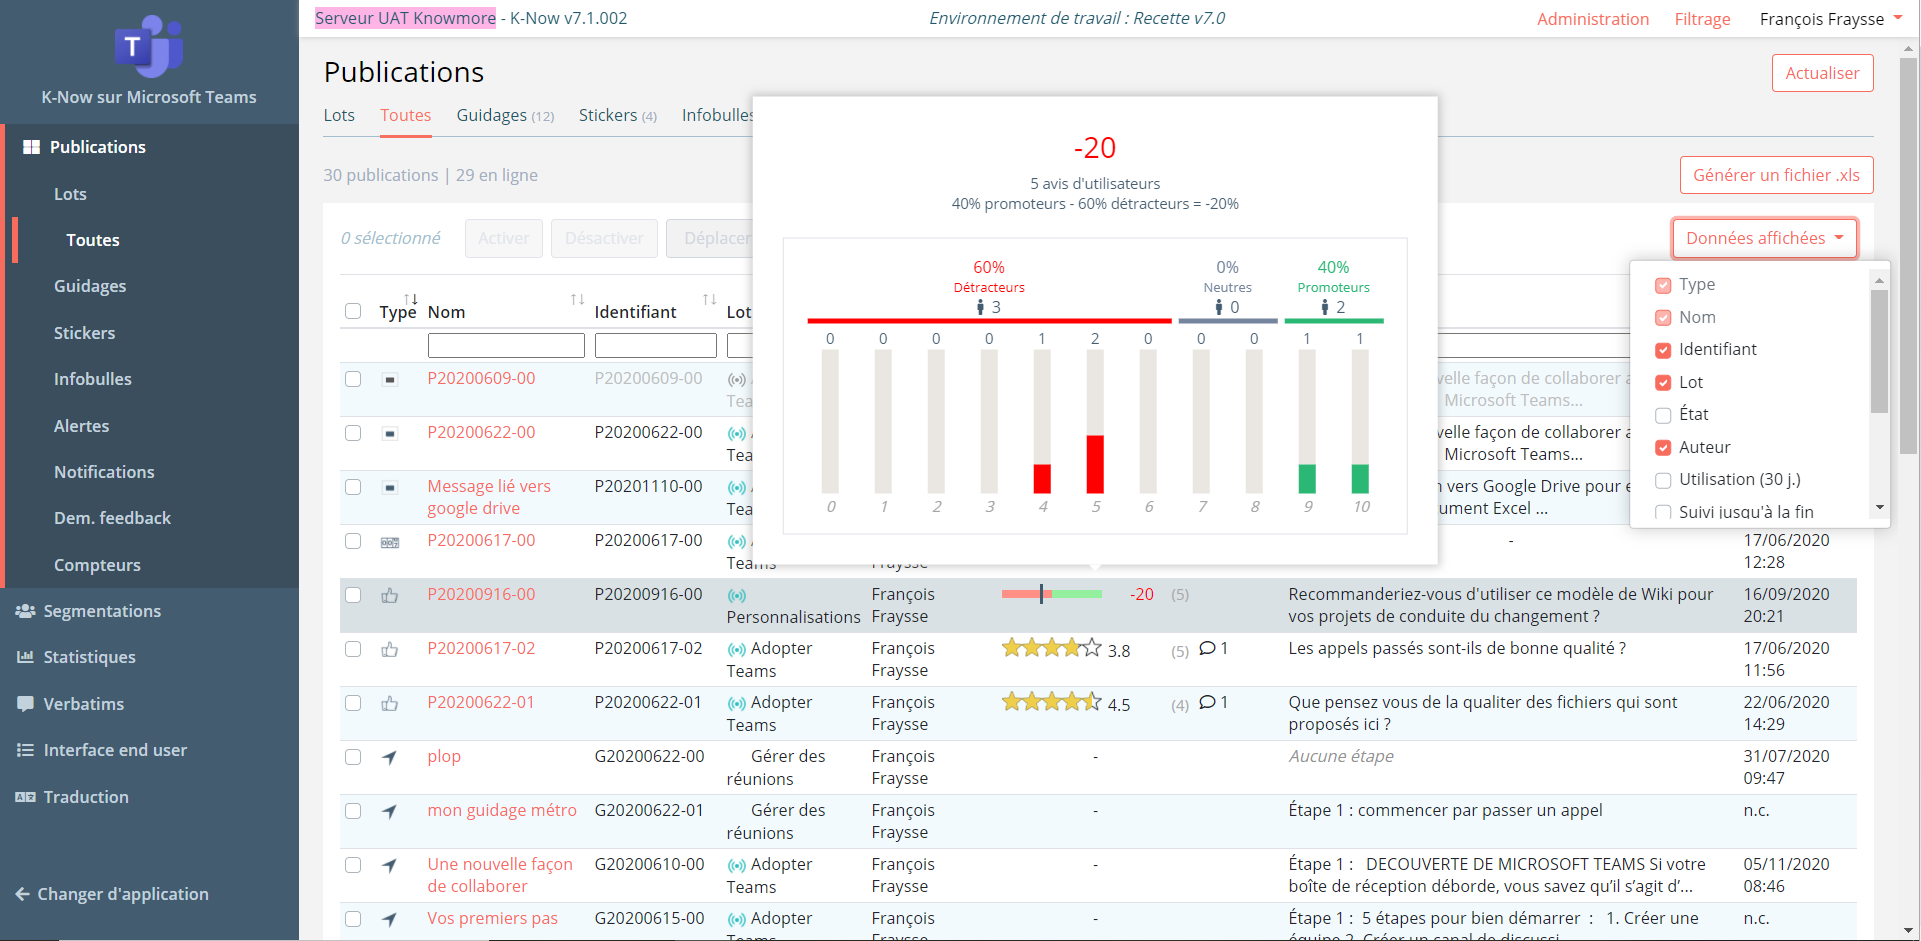 Analyse des feedbacks NPS des utilisateurs